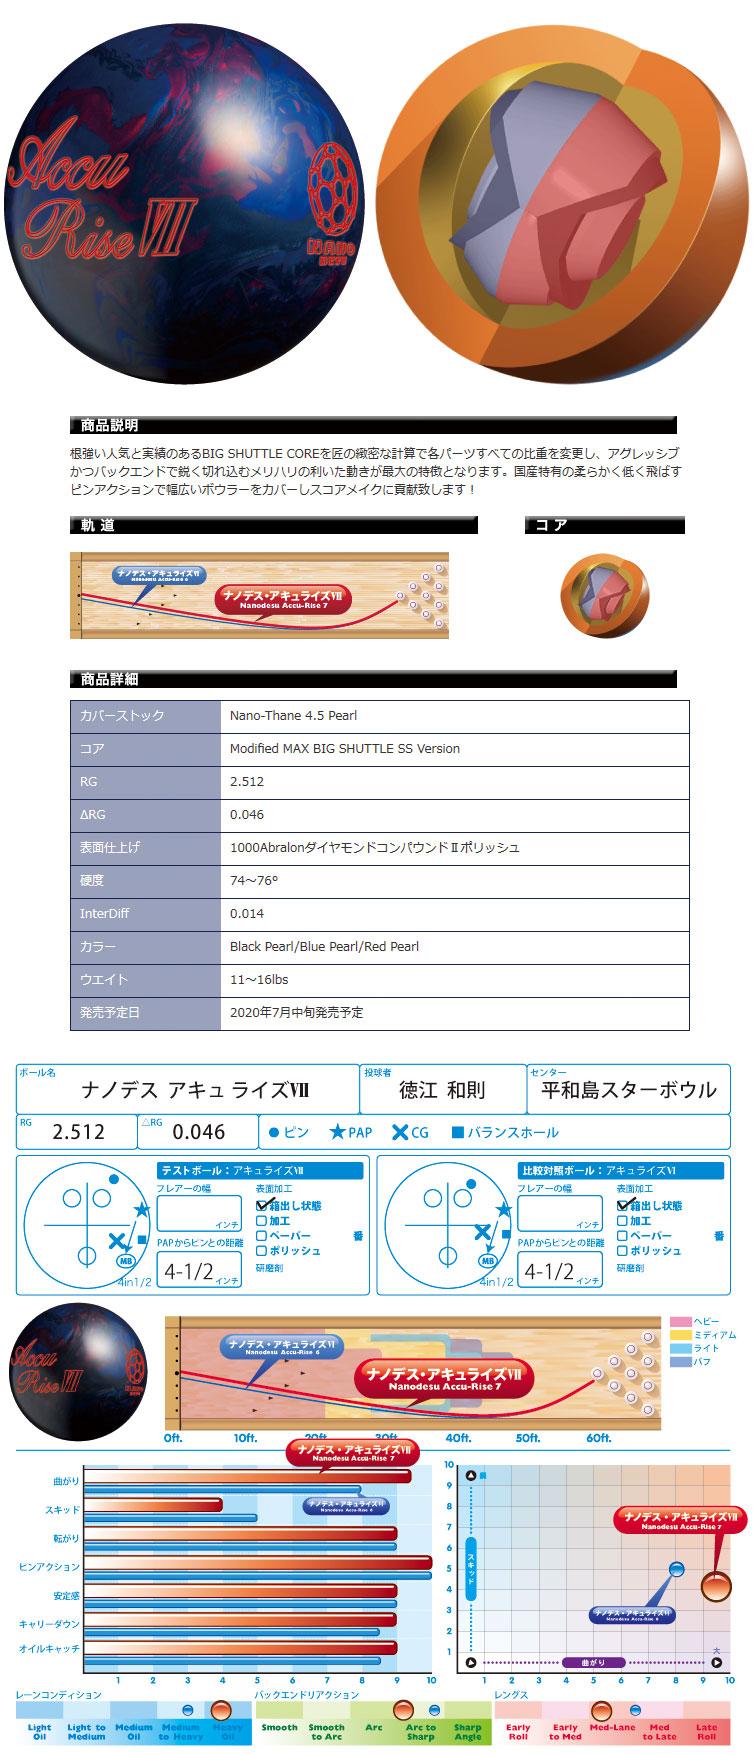 ボウリング用品 ボウリングボール ABS ナノデス アキュライズ7 NANODESU Accu Rise 7